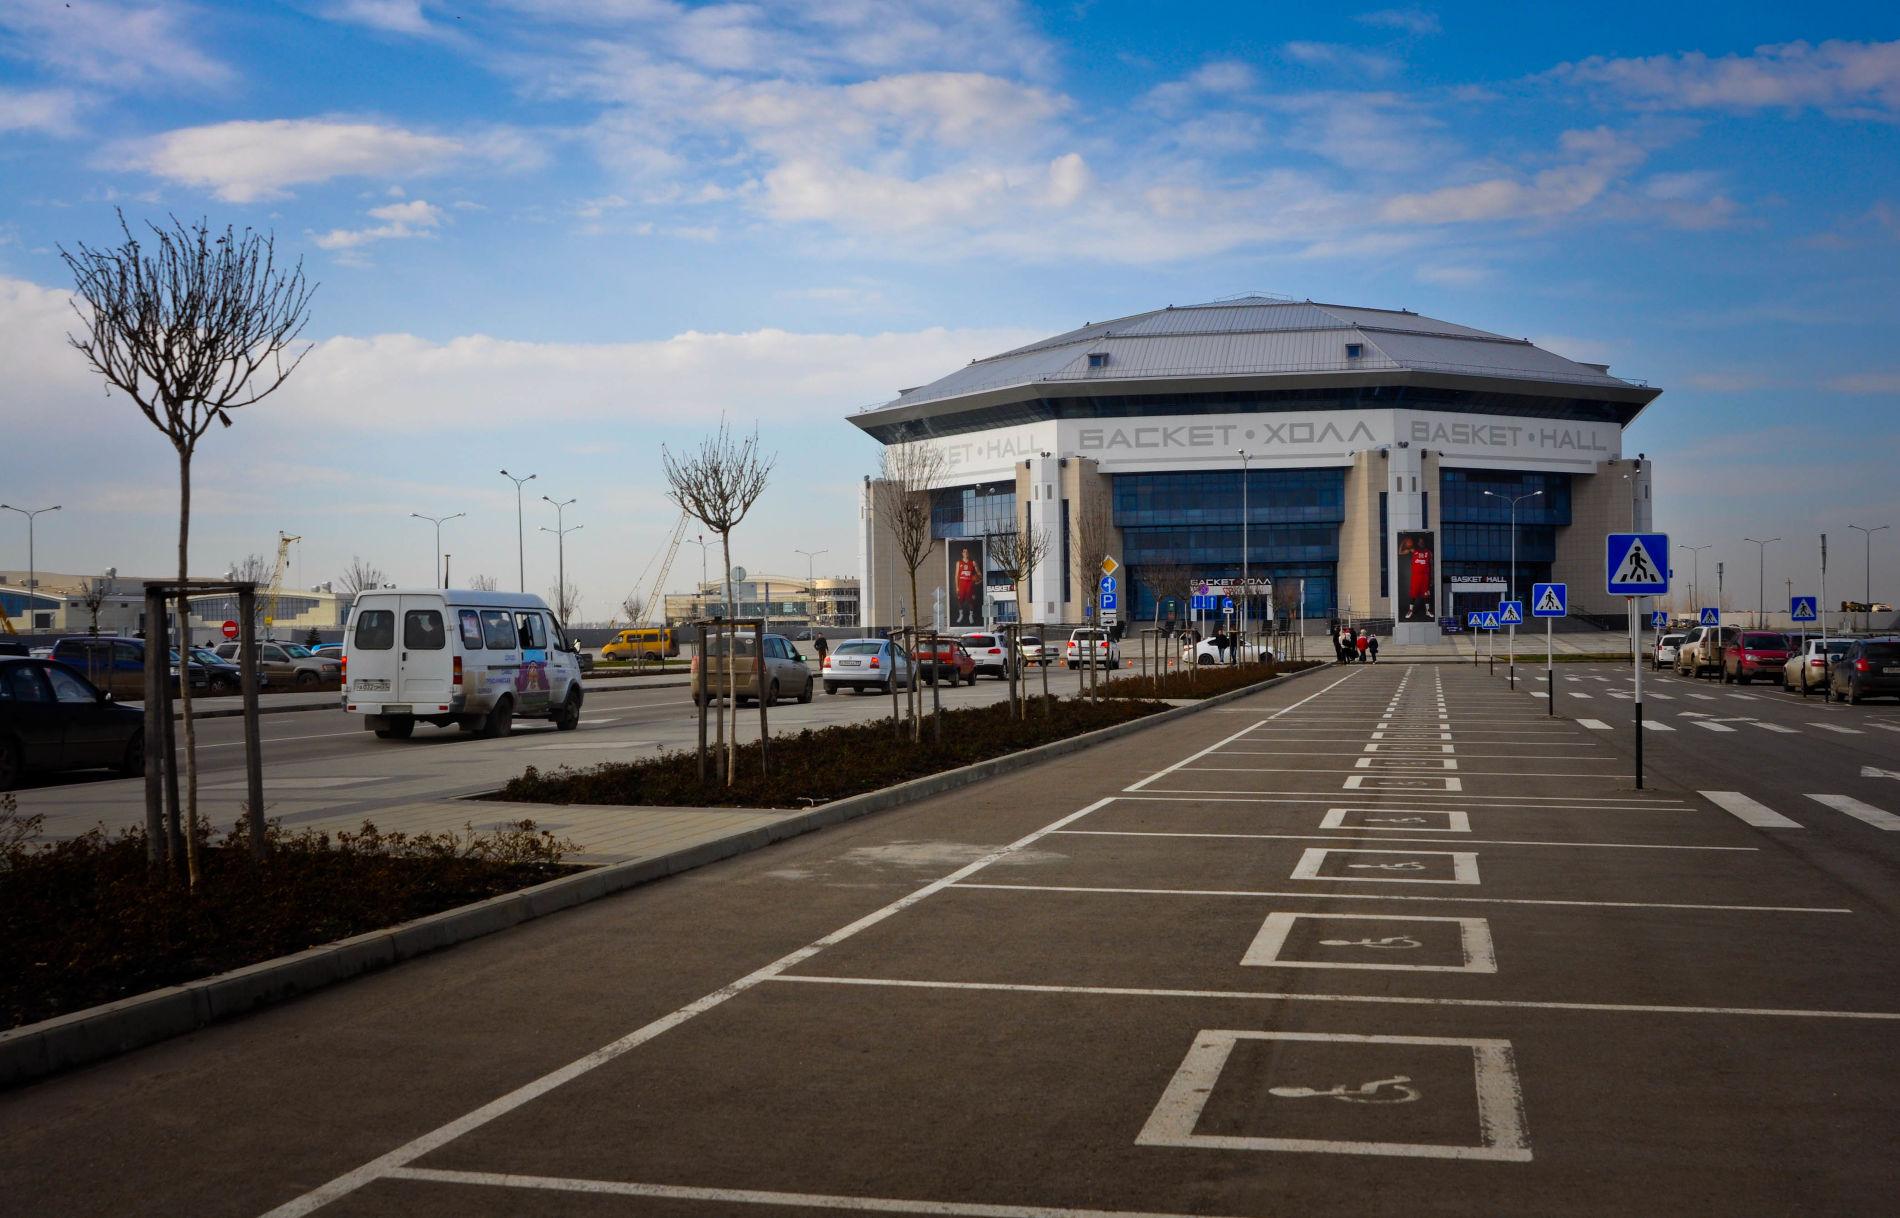 СК «Баскет-холл» в Краснодаре